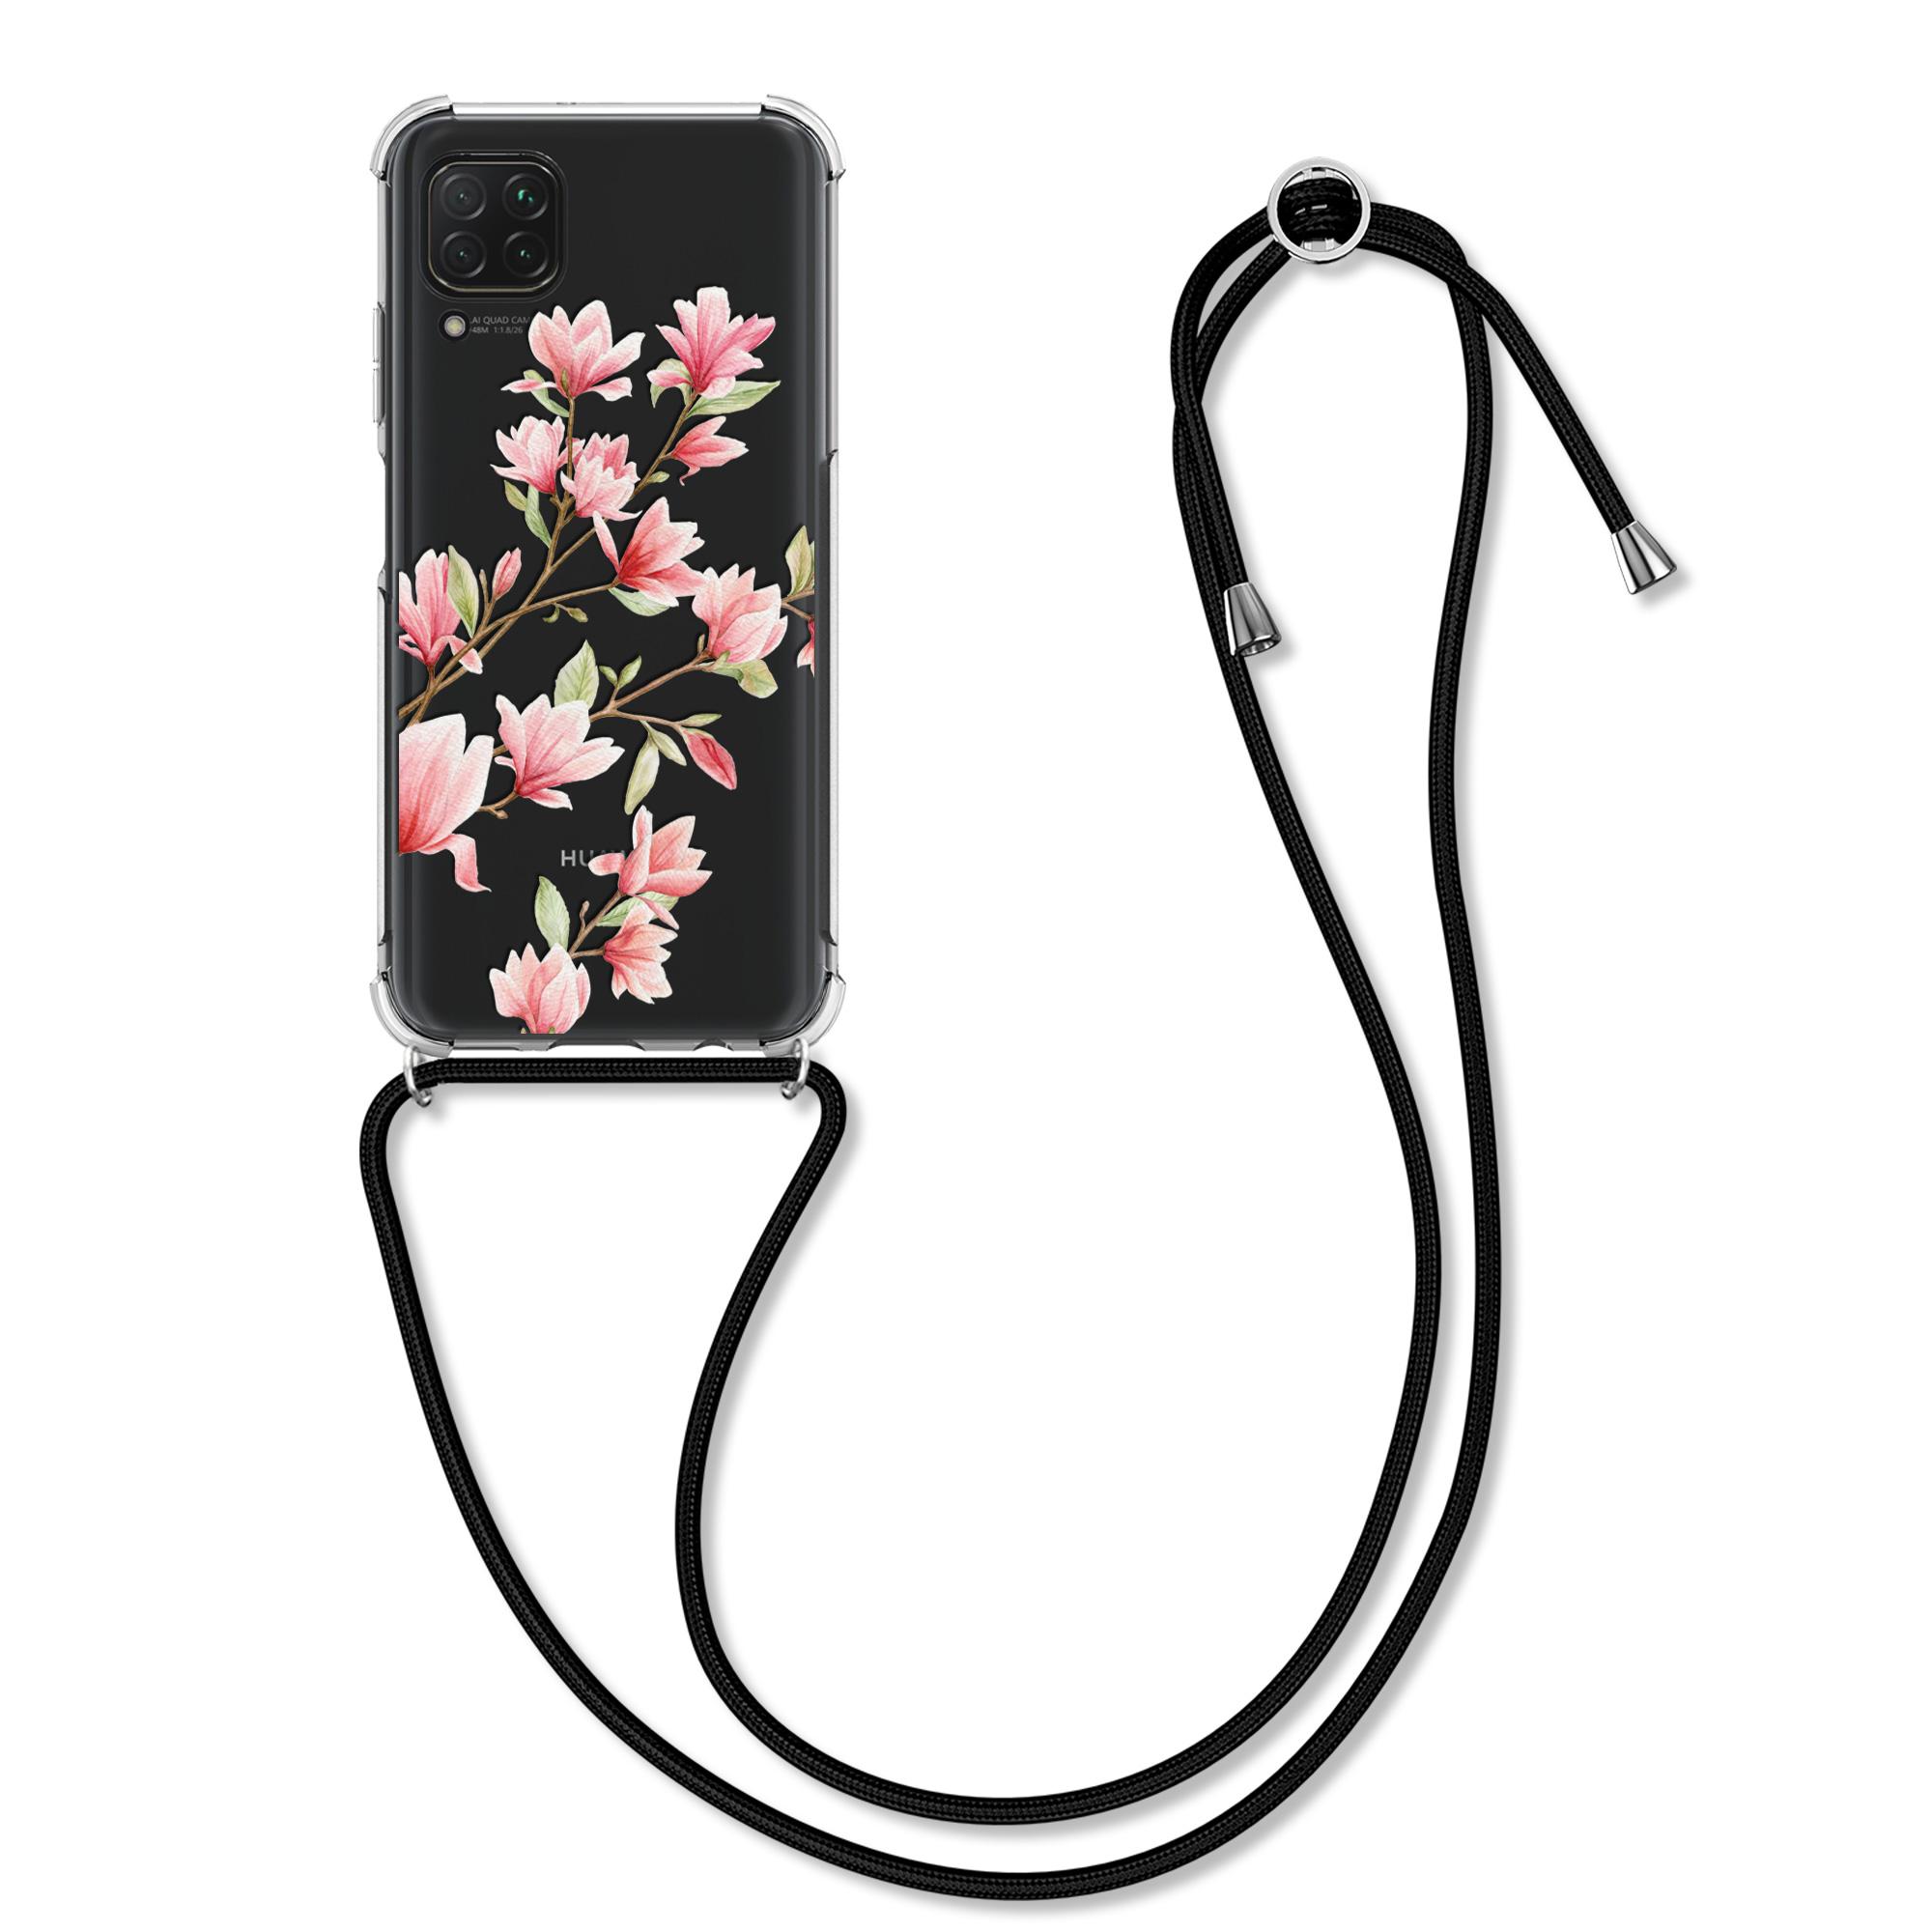 Silikonové pouzdro / obal na krk pro Huawei P40 Lite s motivem květiny magnolie